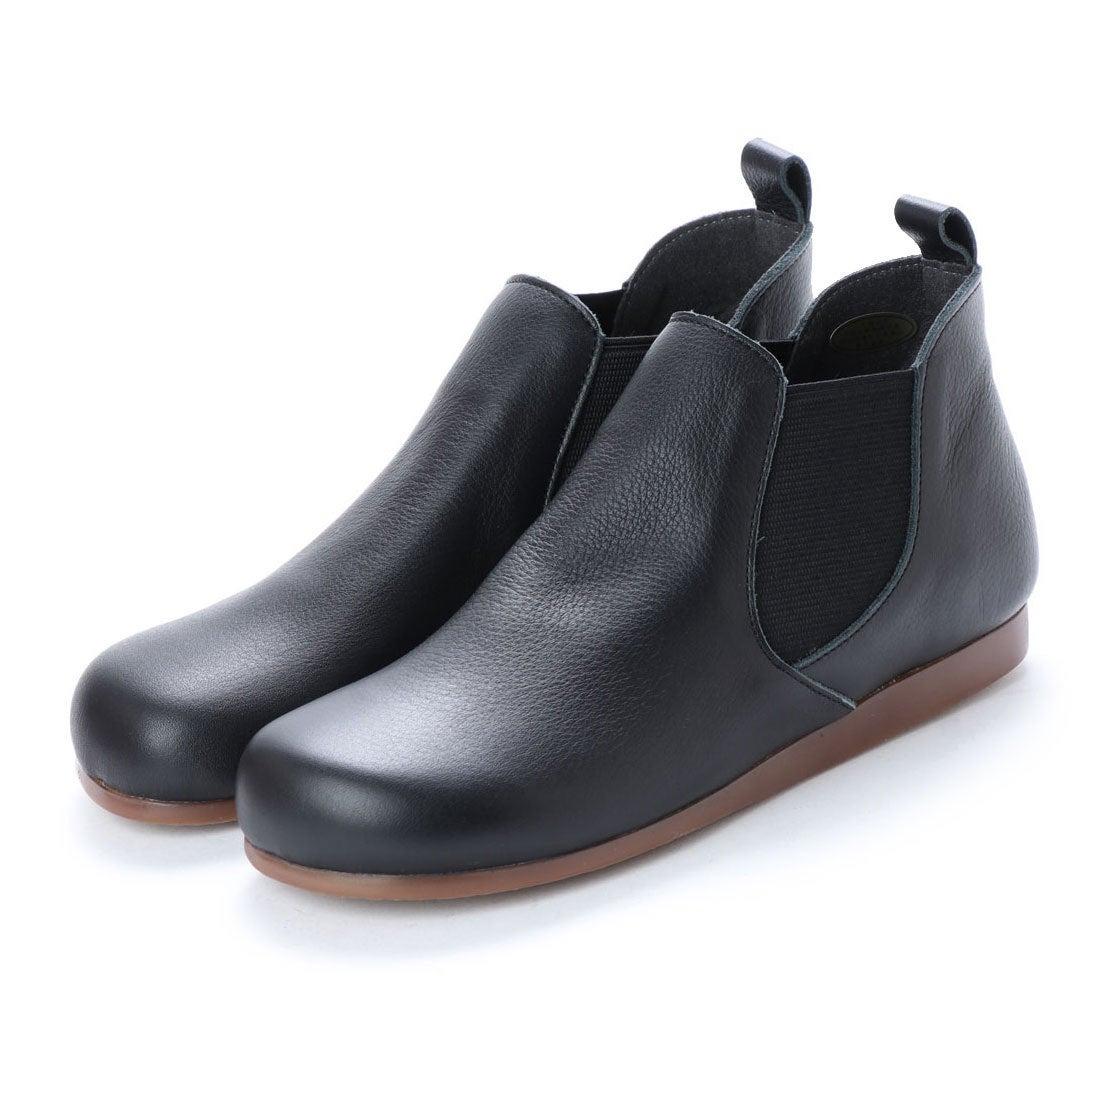 レシピ Recipe サイドゴアブーツ (BLK) ,靴&ファッション通販 ロコンド〜自宅で試着、気軽に返品